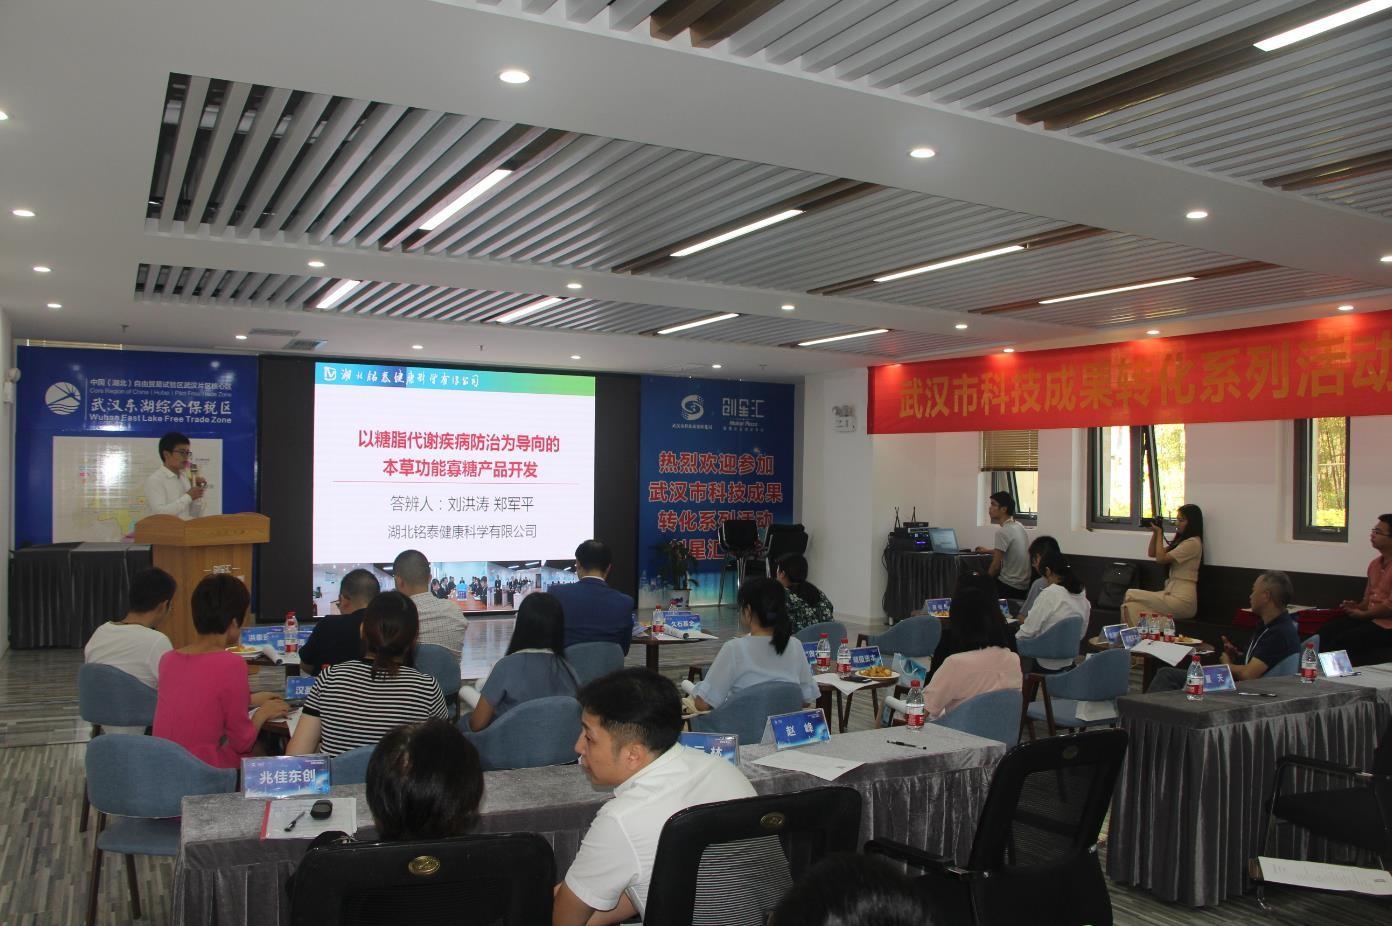 我司参加武汉市科技成果转化活动-创星汇专场受到热捧